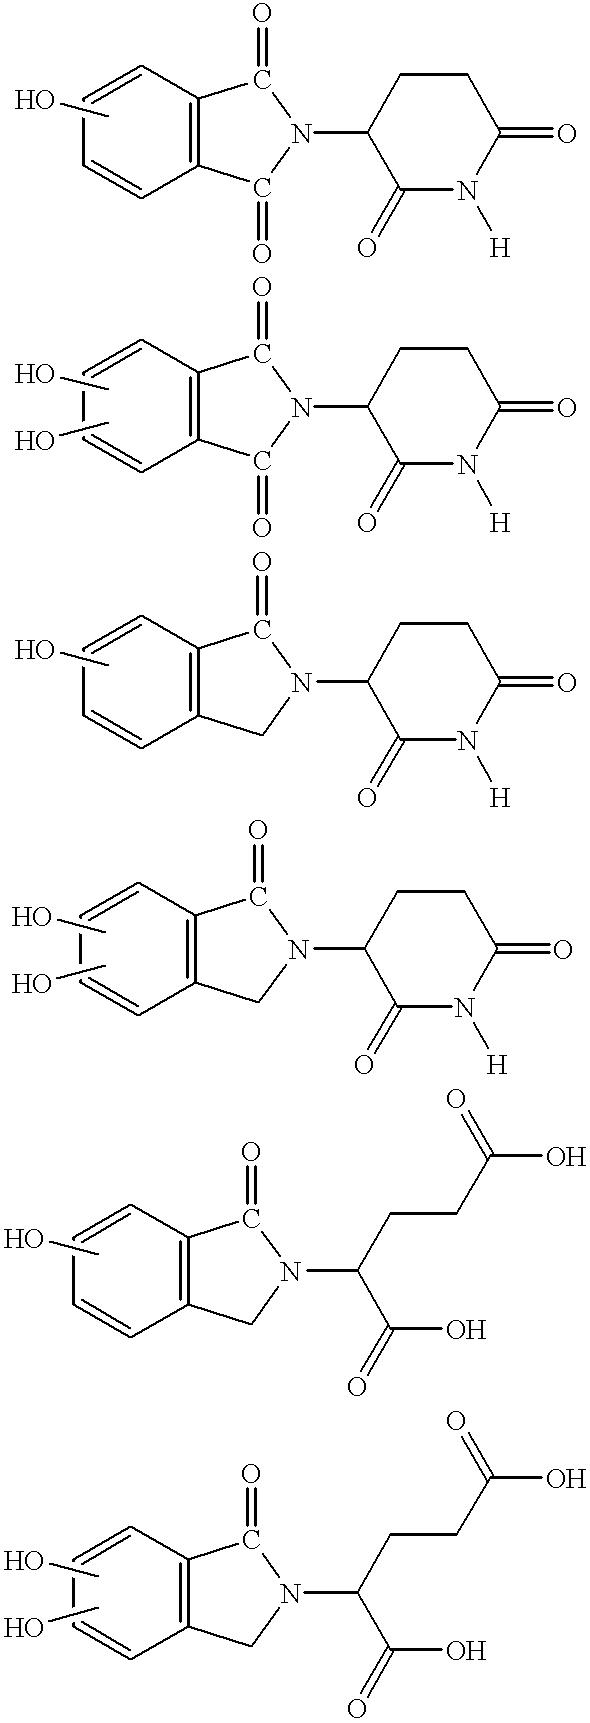 Figure US06235756-20010522-C00016